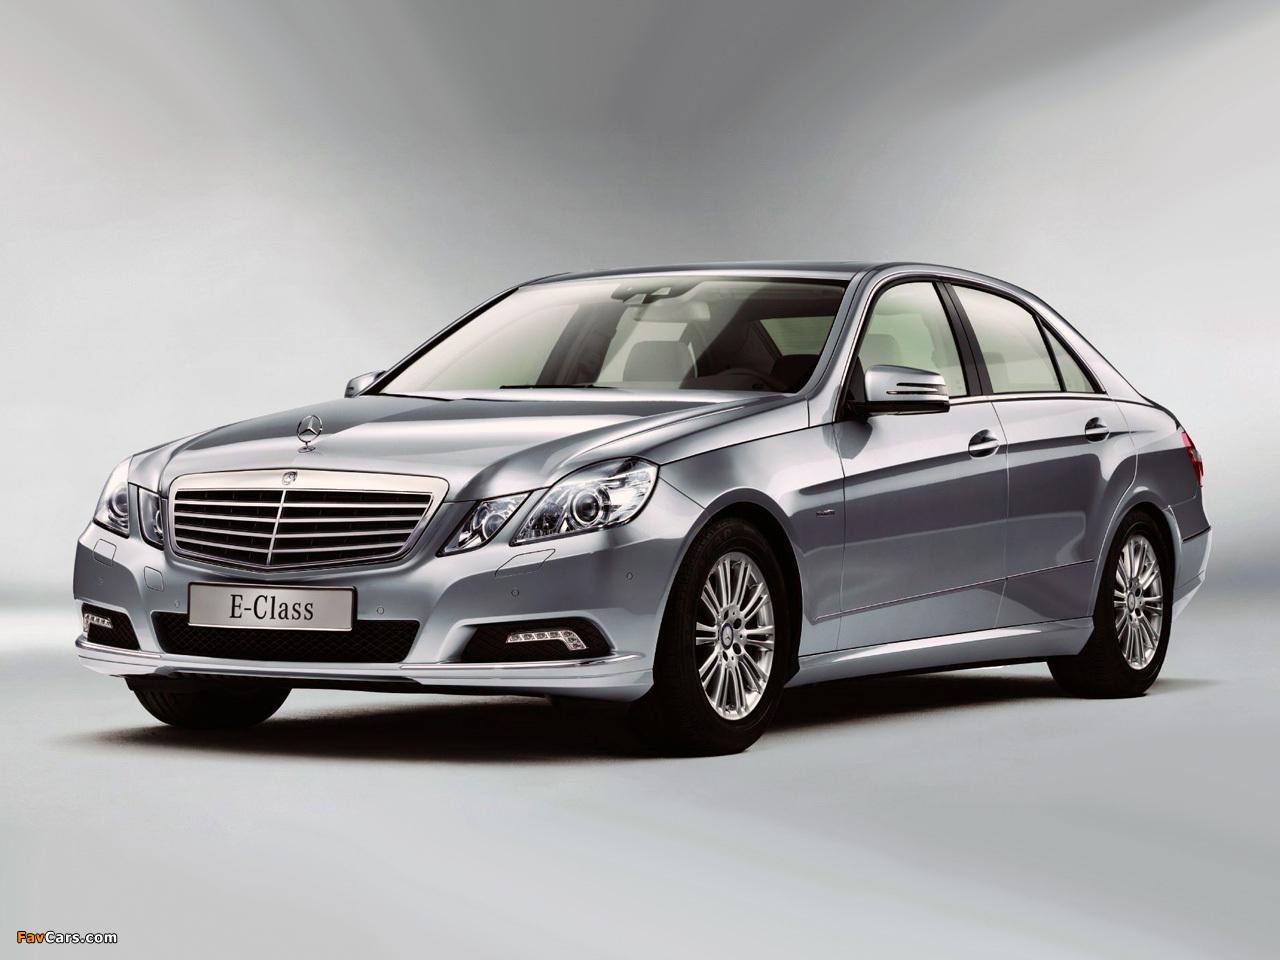 Свечение новой ксеноновой лампы Mercedes E-Class (W212) отличается по цвету от старой